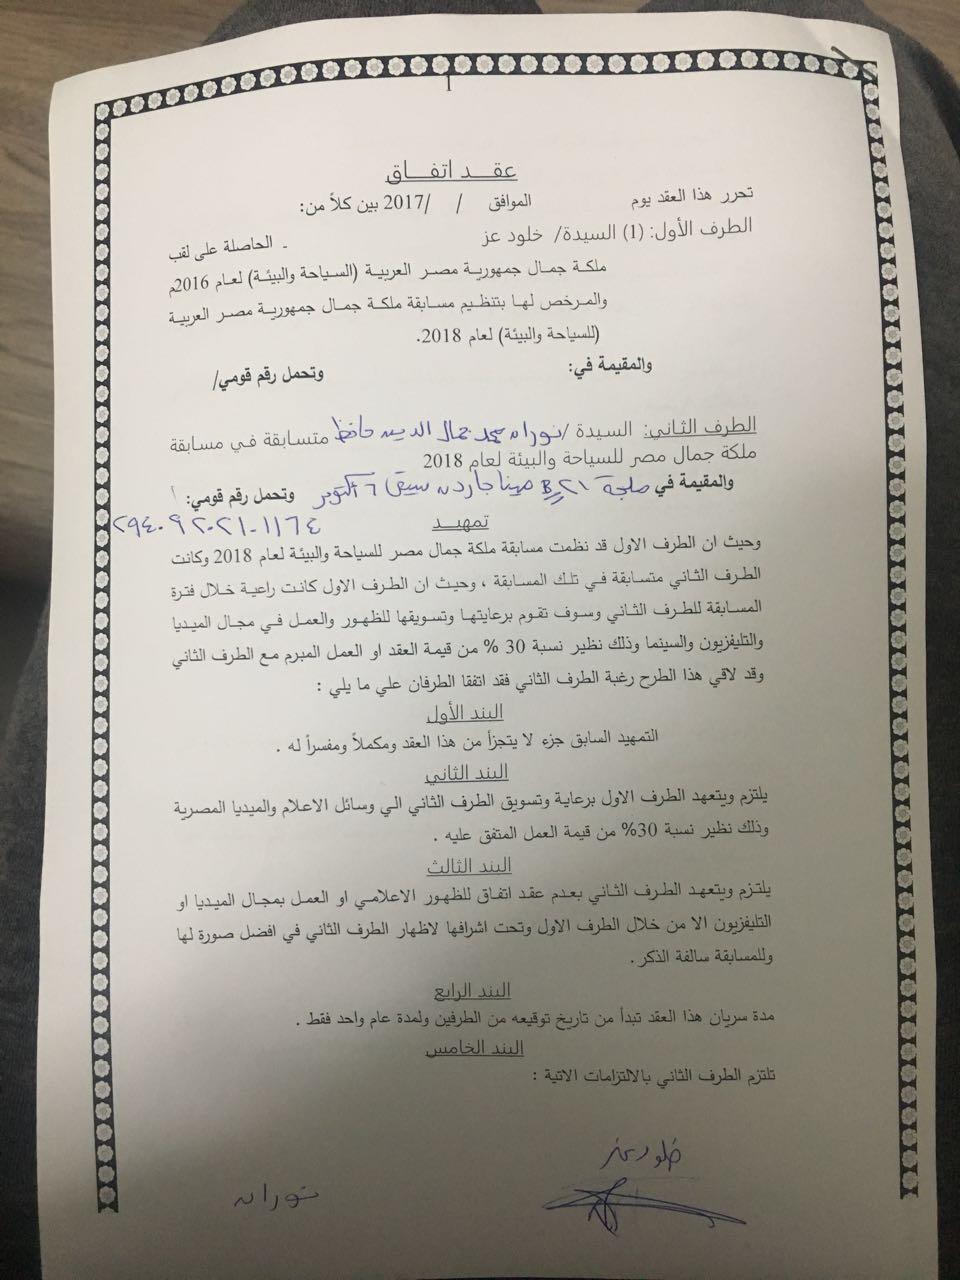 عقد ملكة جمال مصر للسياحة